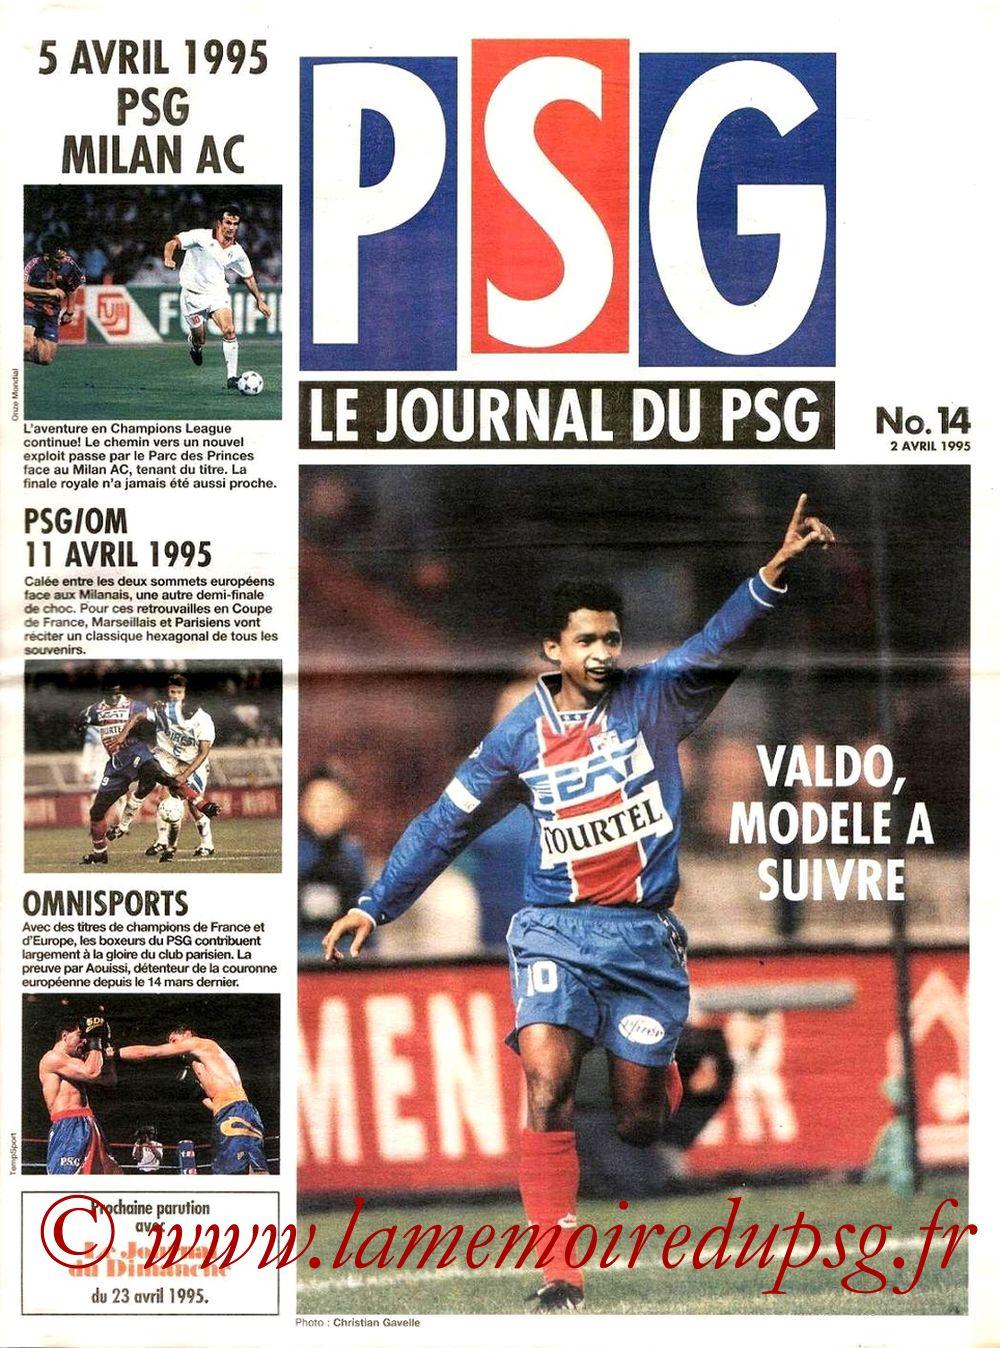 1995-04-05  PSG-Milan AC (Demi-Finale Aller C1, Le journal du PSG N°14)